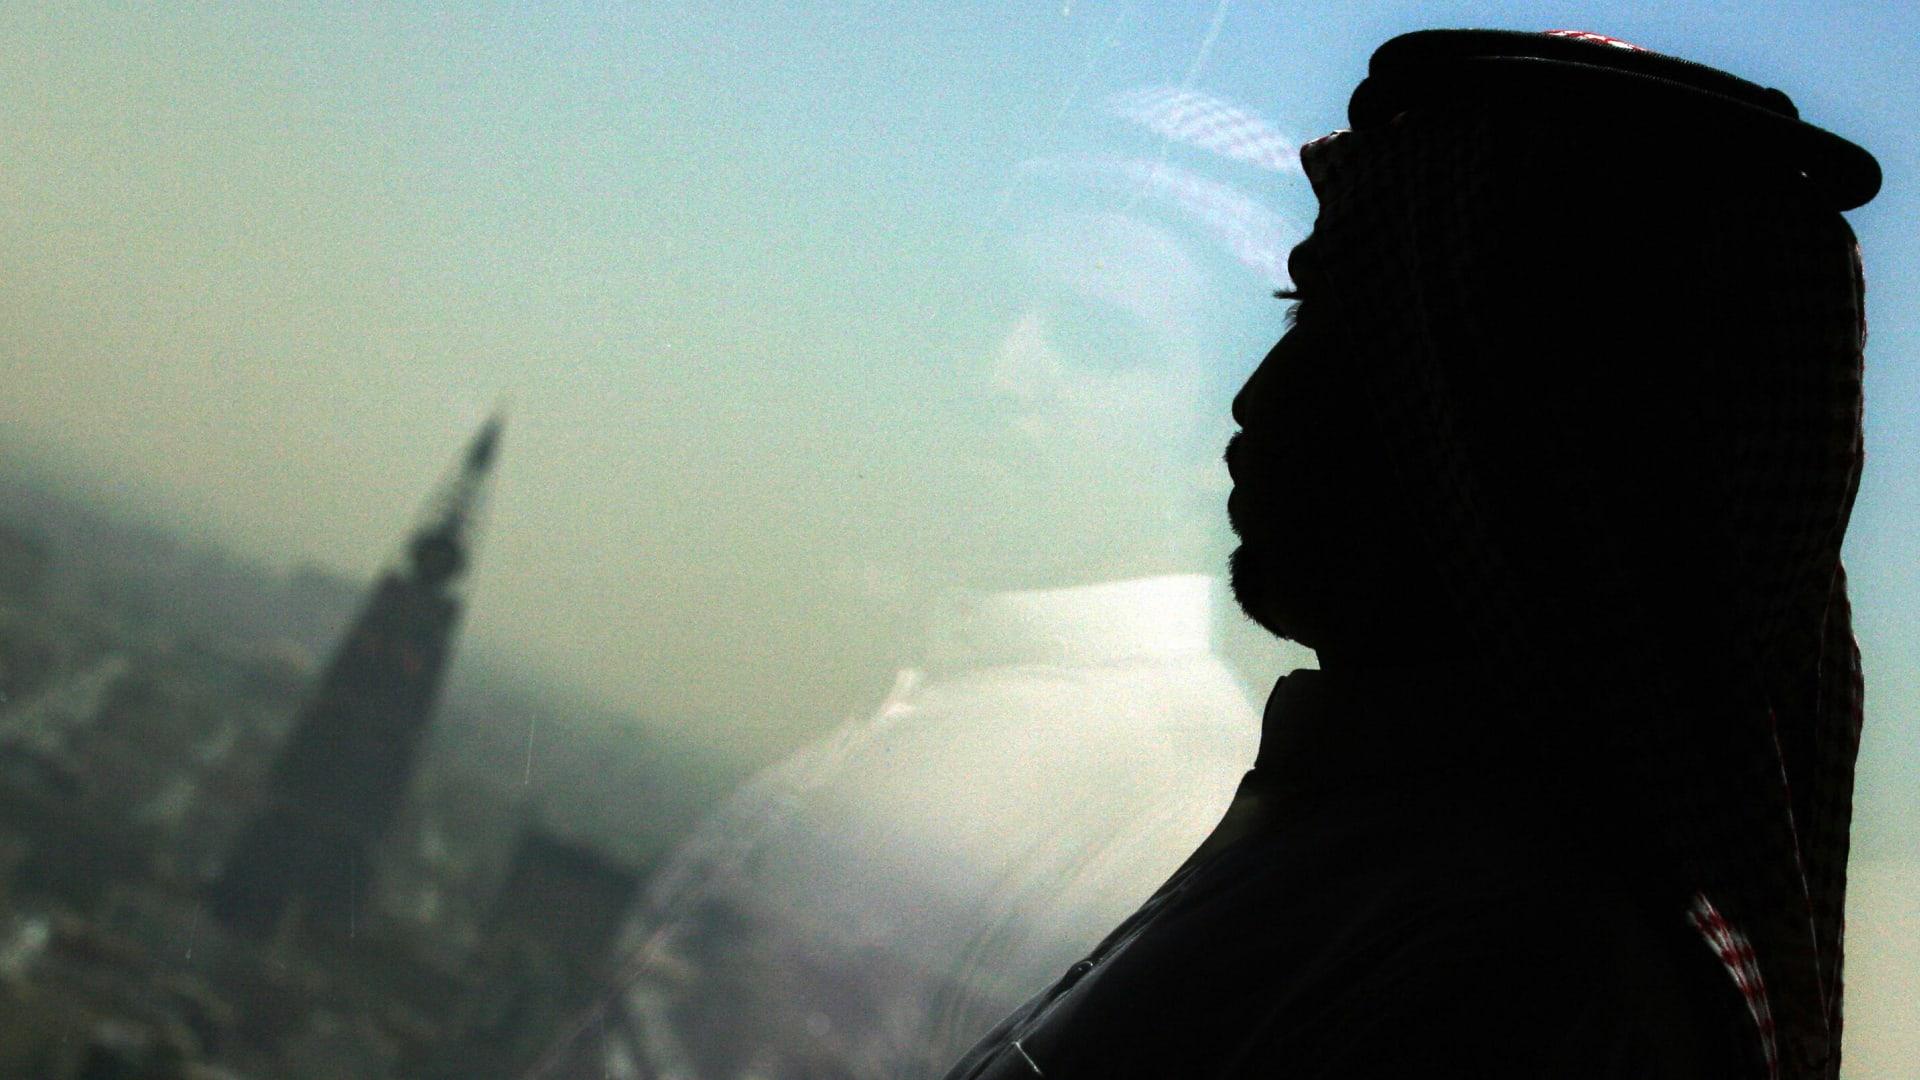 صورة أرشيفية تعبيرية لشخص ينظر إلى وسط العاصمة السعودية، الرياض